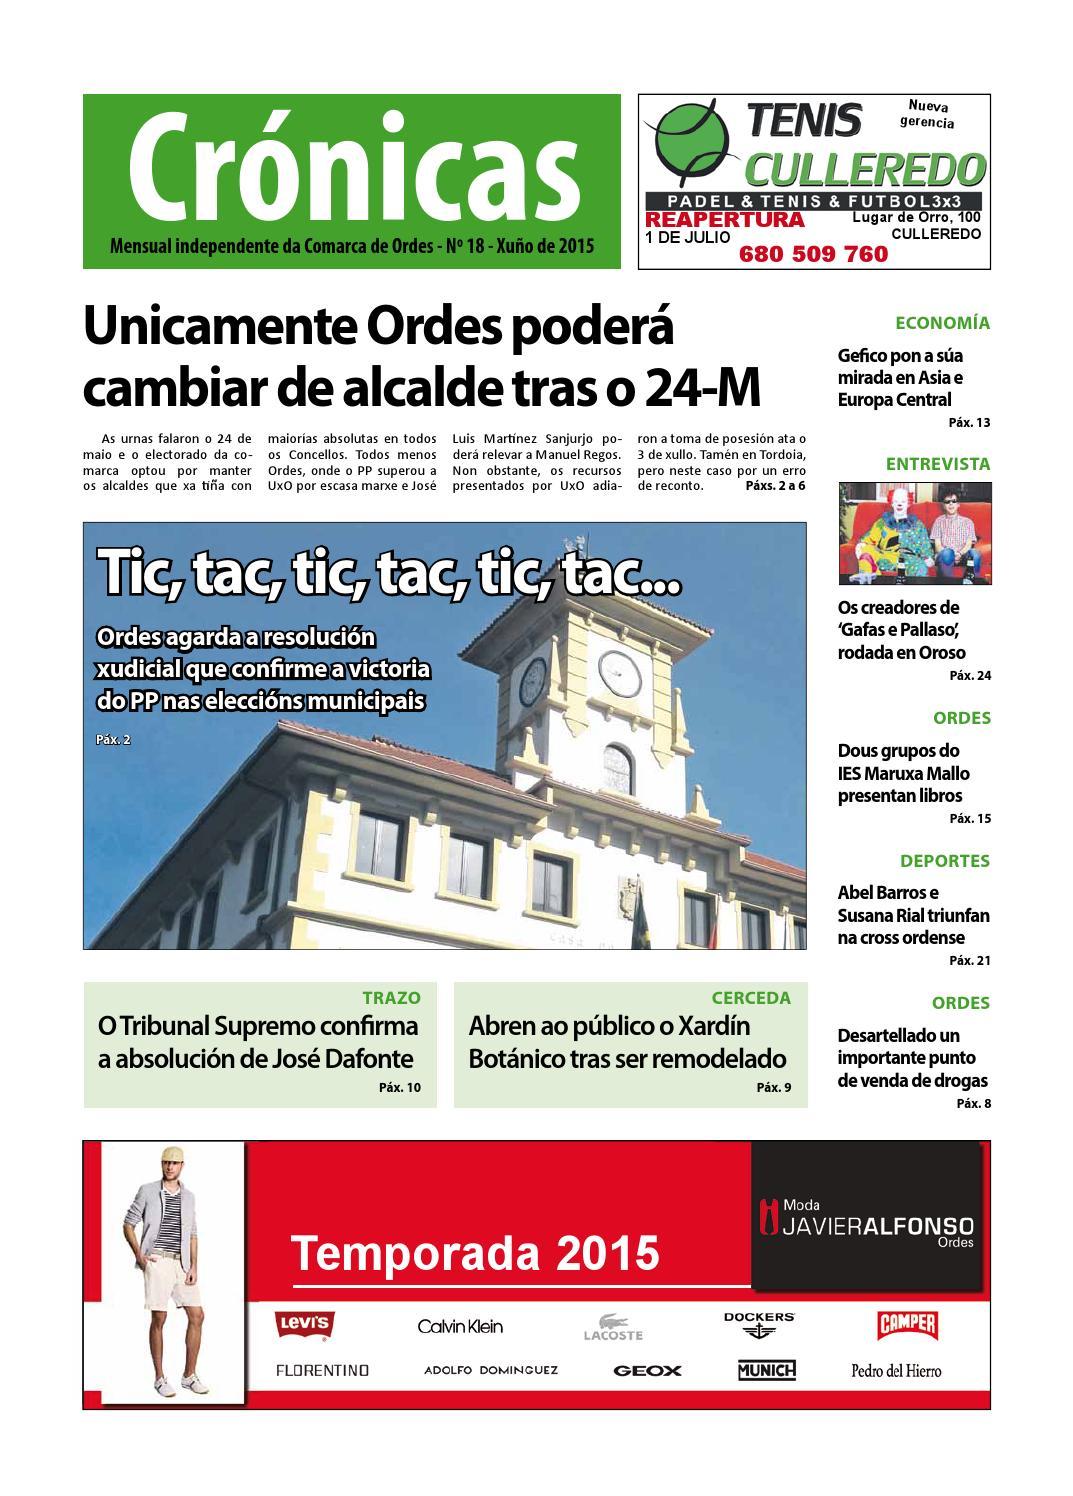 Cronicas Comarcadeordes N18 Xunho2015 By Cr Nicas Peri Dico  # Muebles Visantona